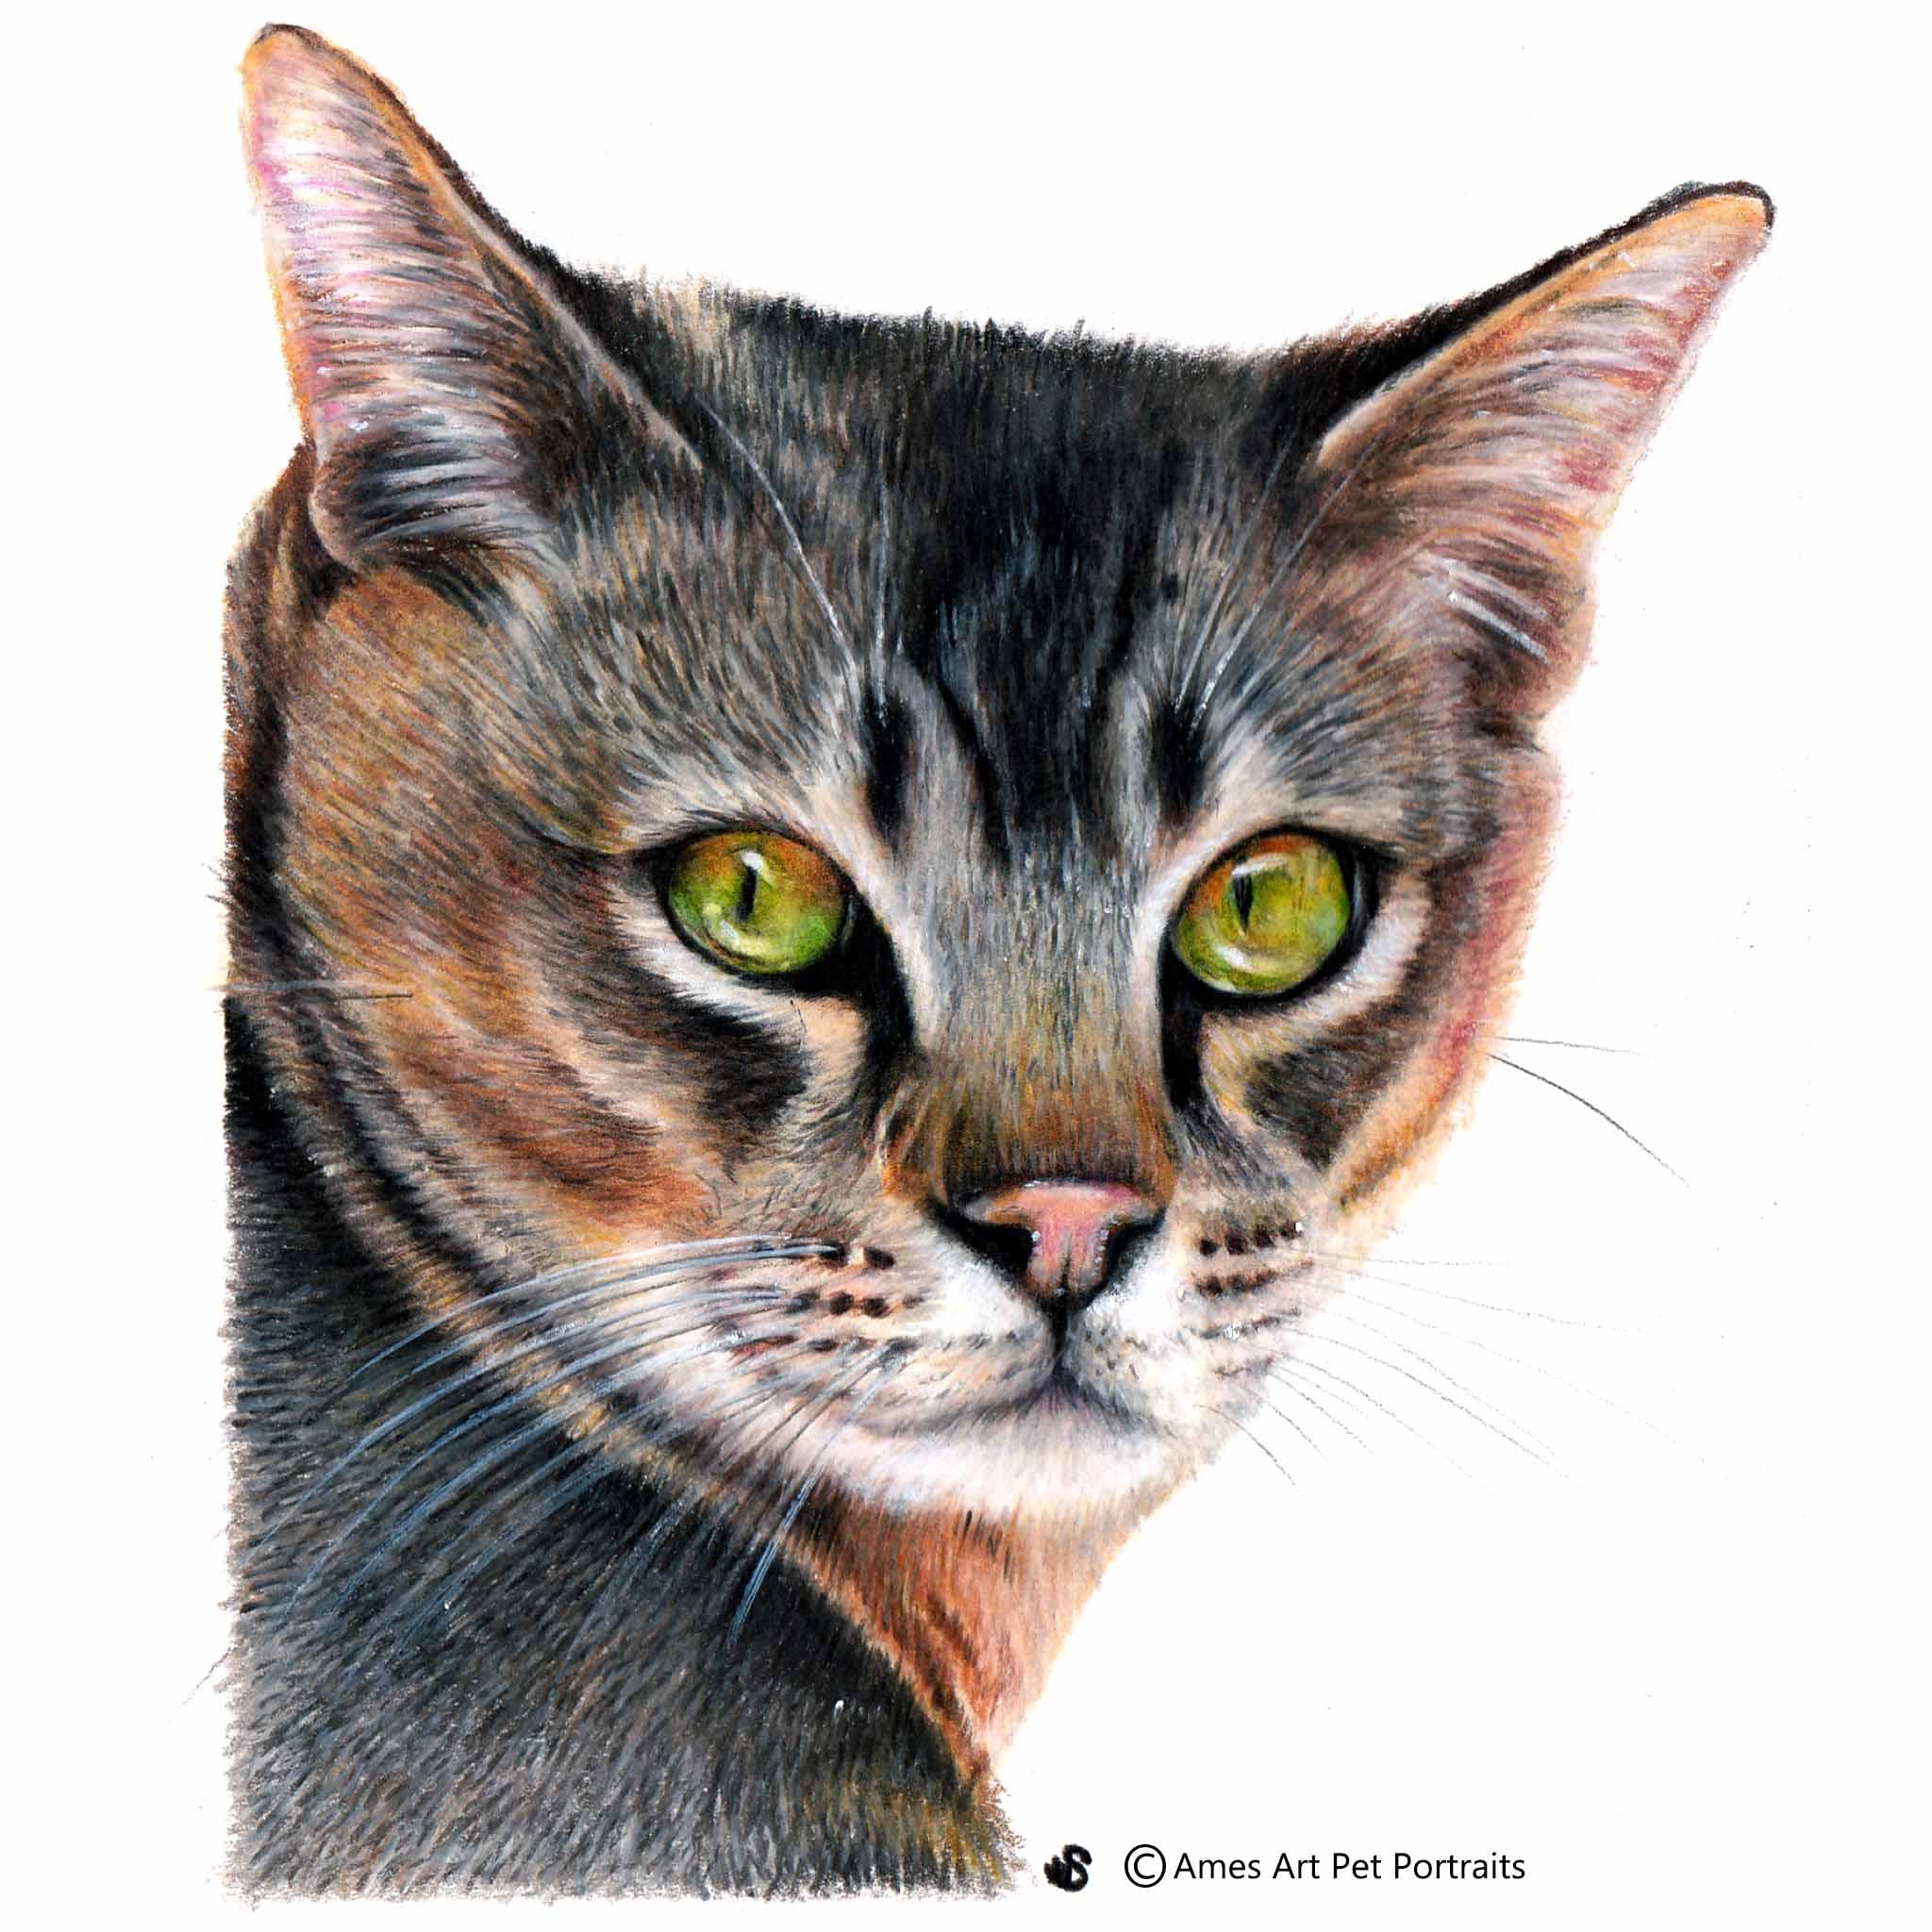 'Makwela' - UK, 5.8 x 8.3 inches, 2017, Colour Pencil Cat Portrait